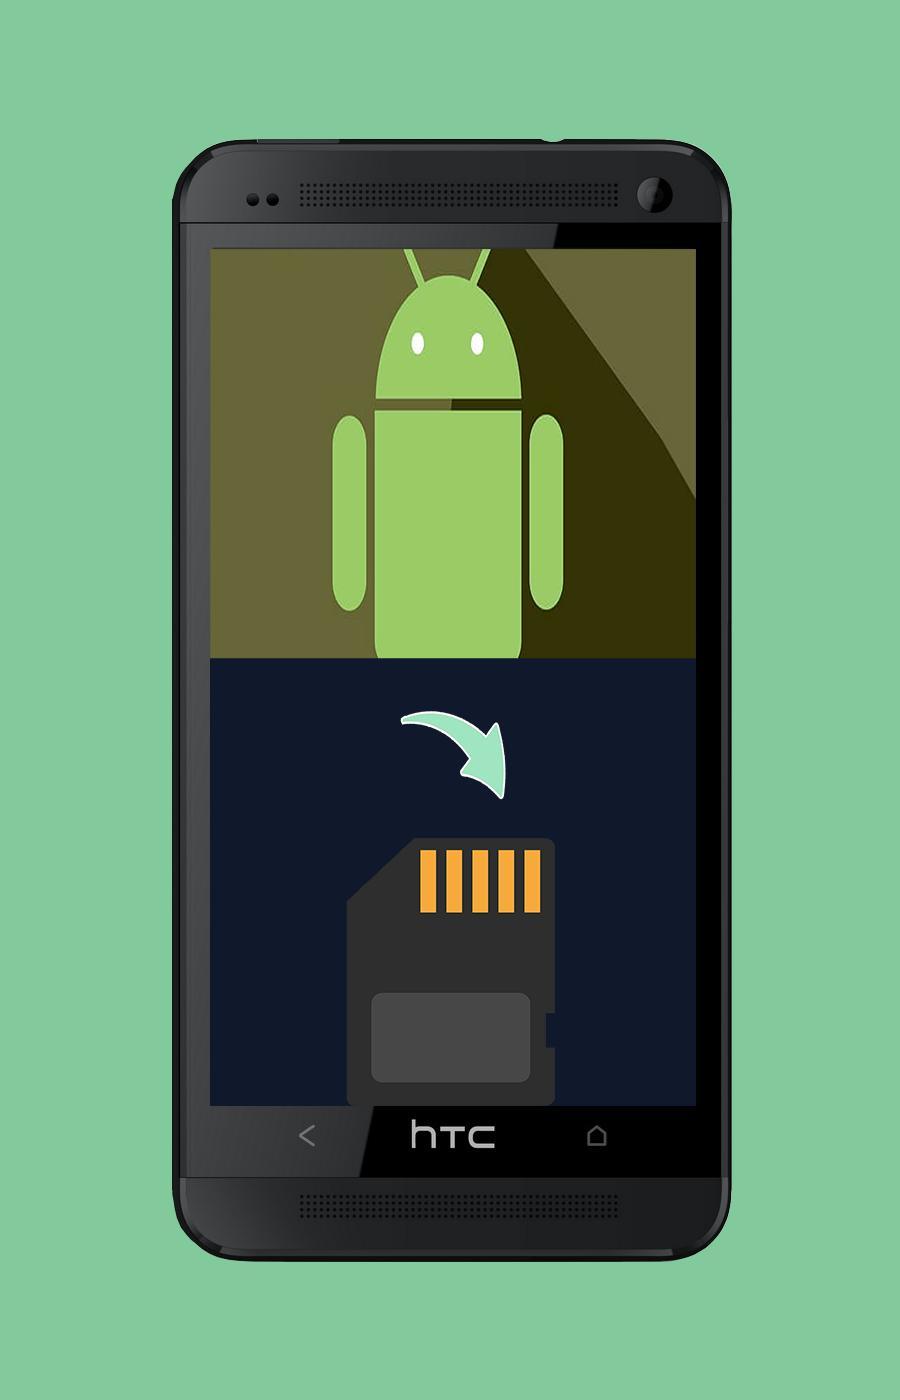 Samsung S5 Bilder Auf Sd Karte Verschieben.Apps Auf Sd Karte Verschieben For Android Apk Download